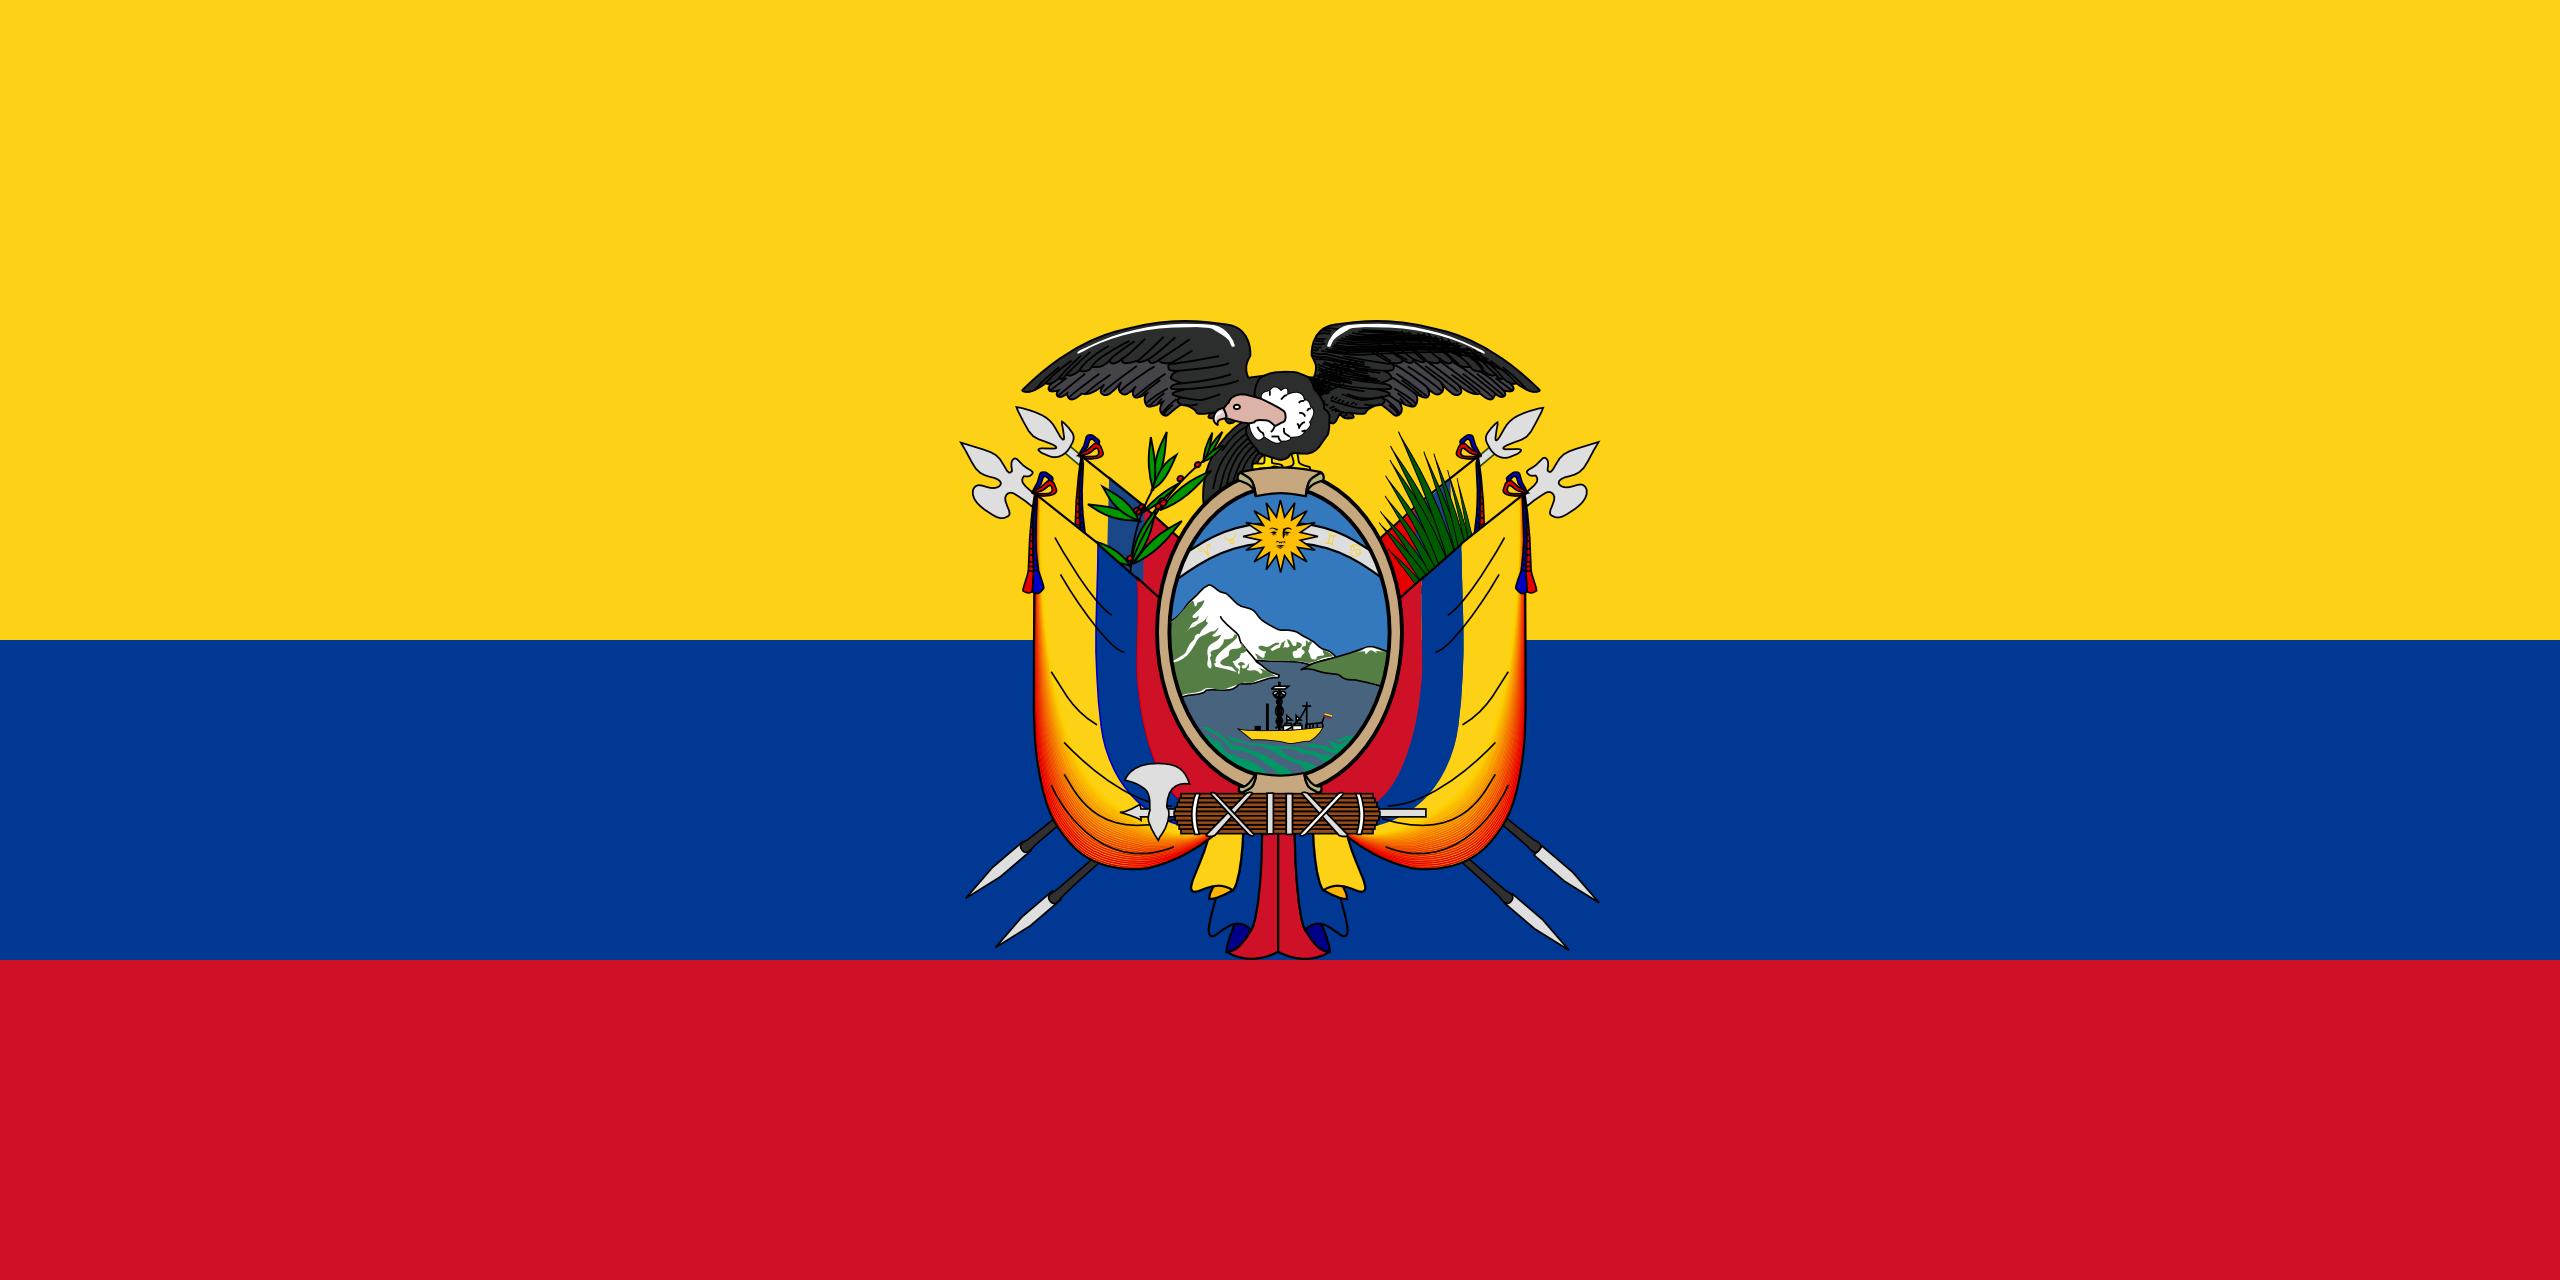 ecuador, paese, emblema, logo, simbolo - Sfondi HD - Professor-falken.com